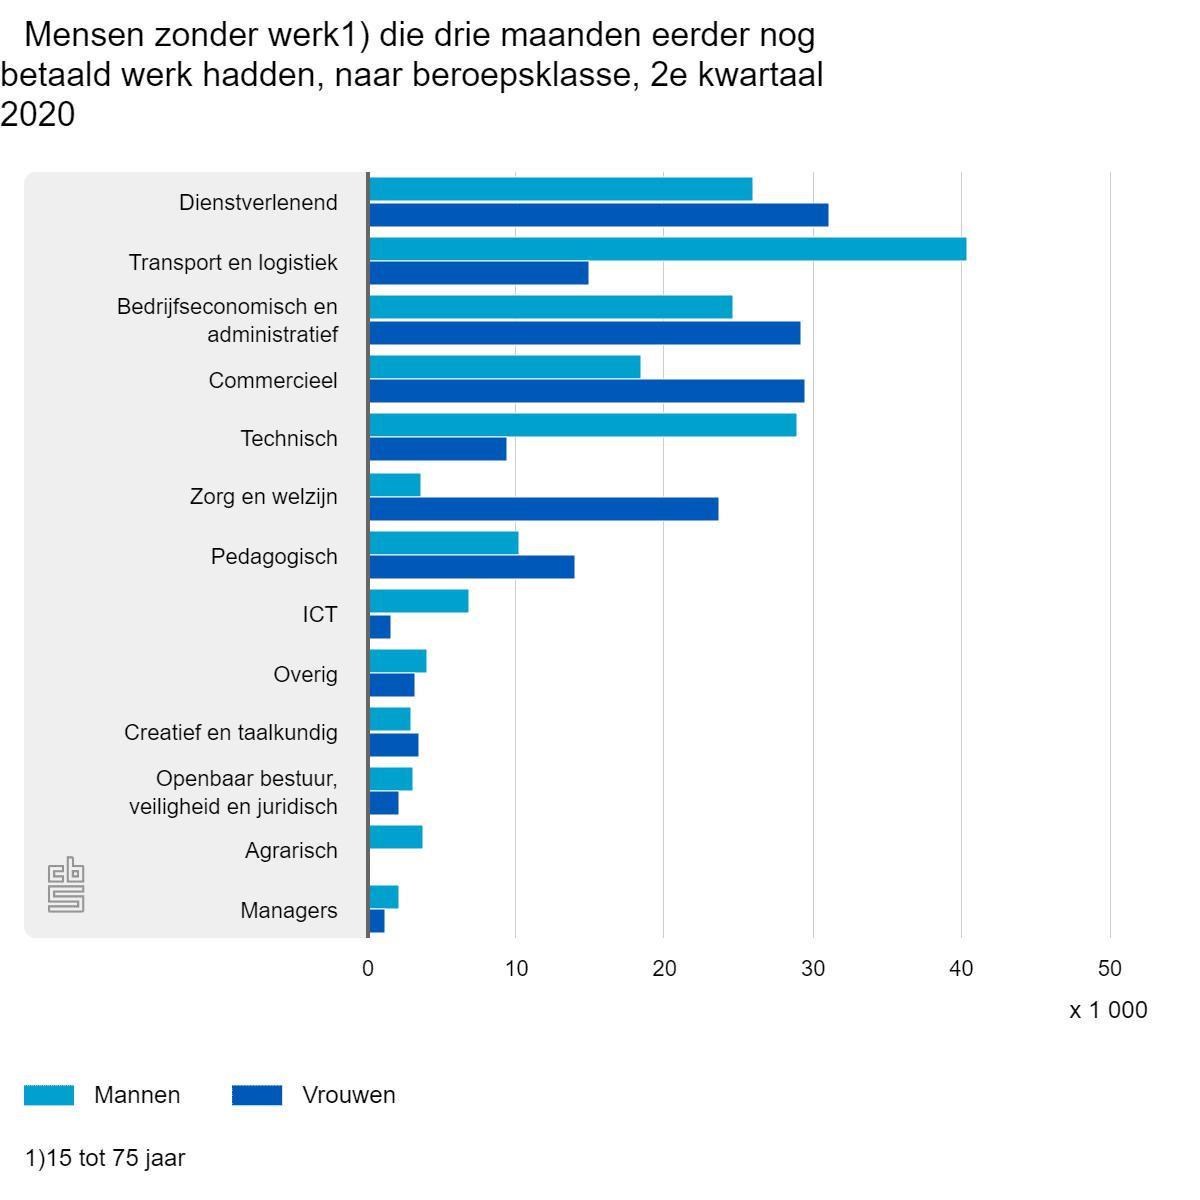 Mensen zonder werk, die drie maanden eerder nog betaald werk hadden , 2e kwartaal 2020